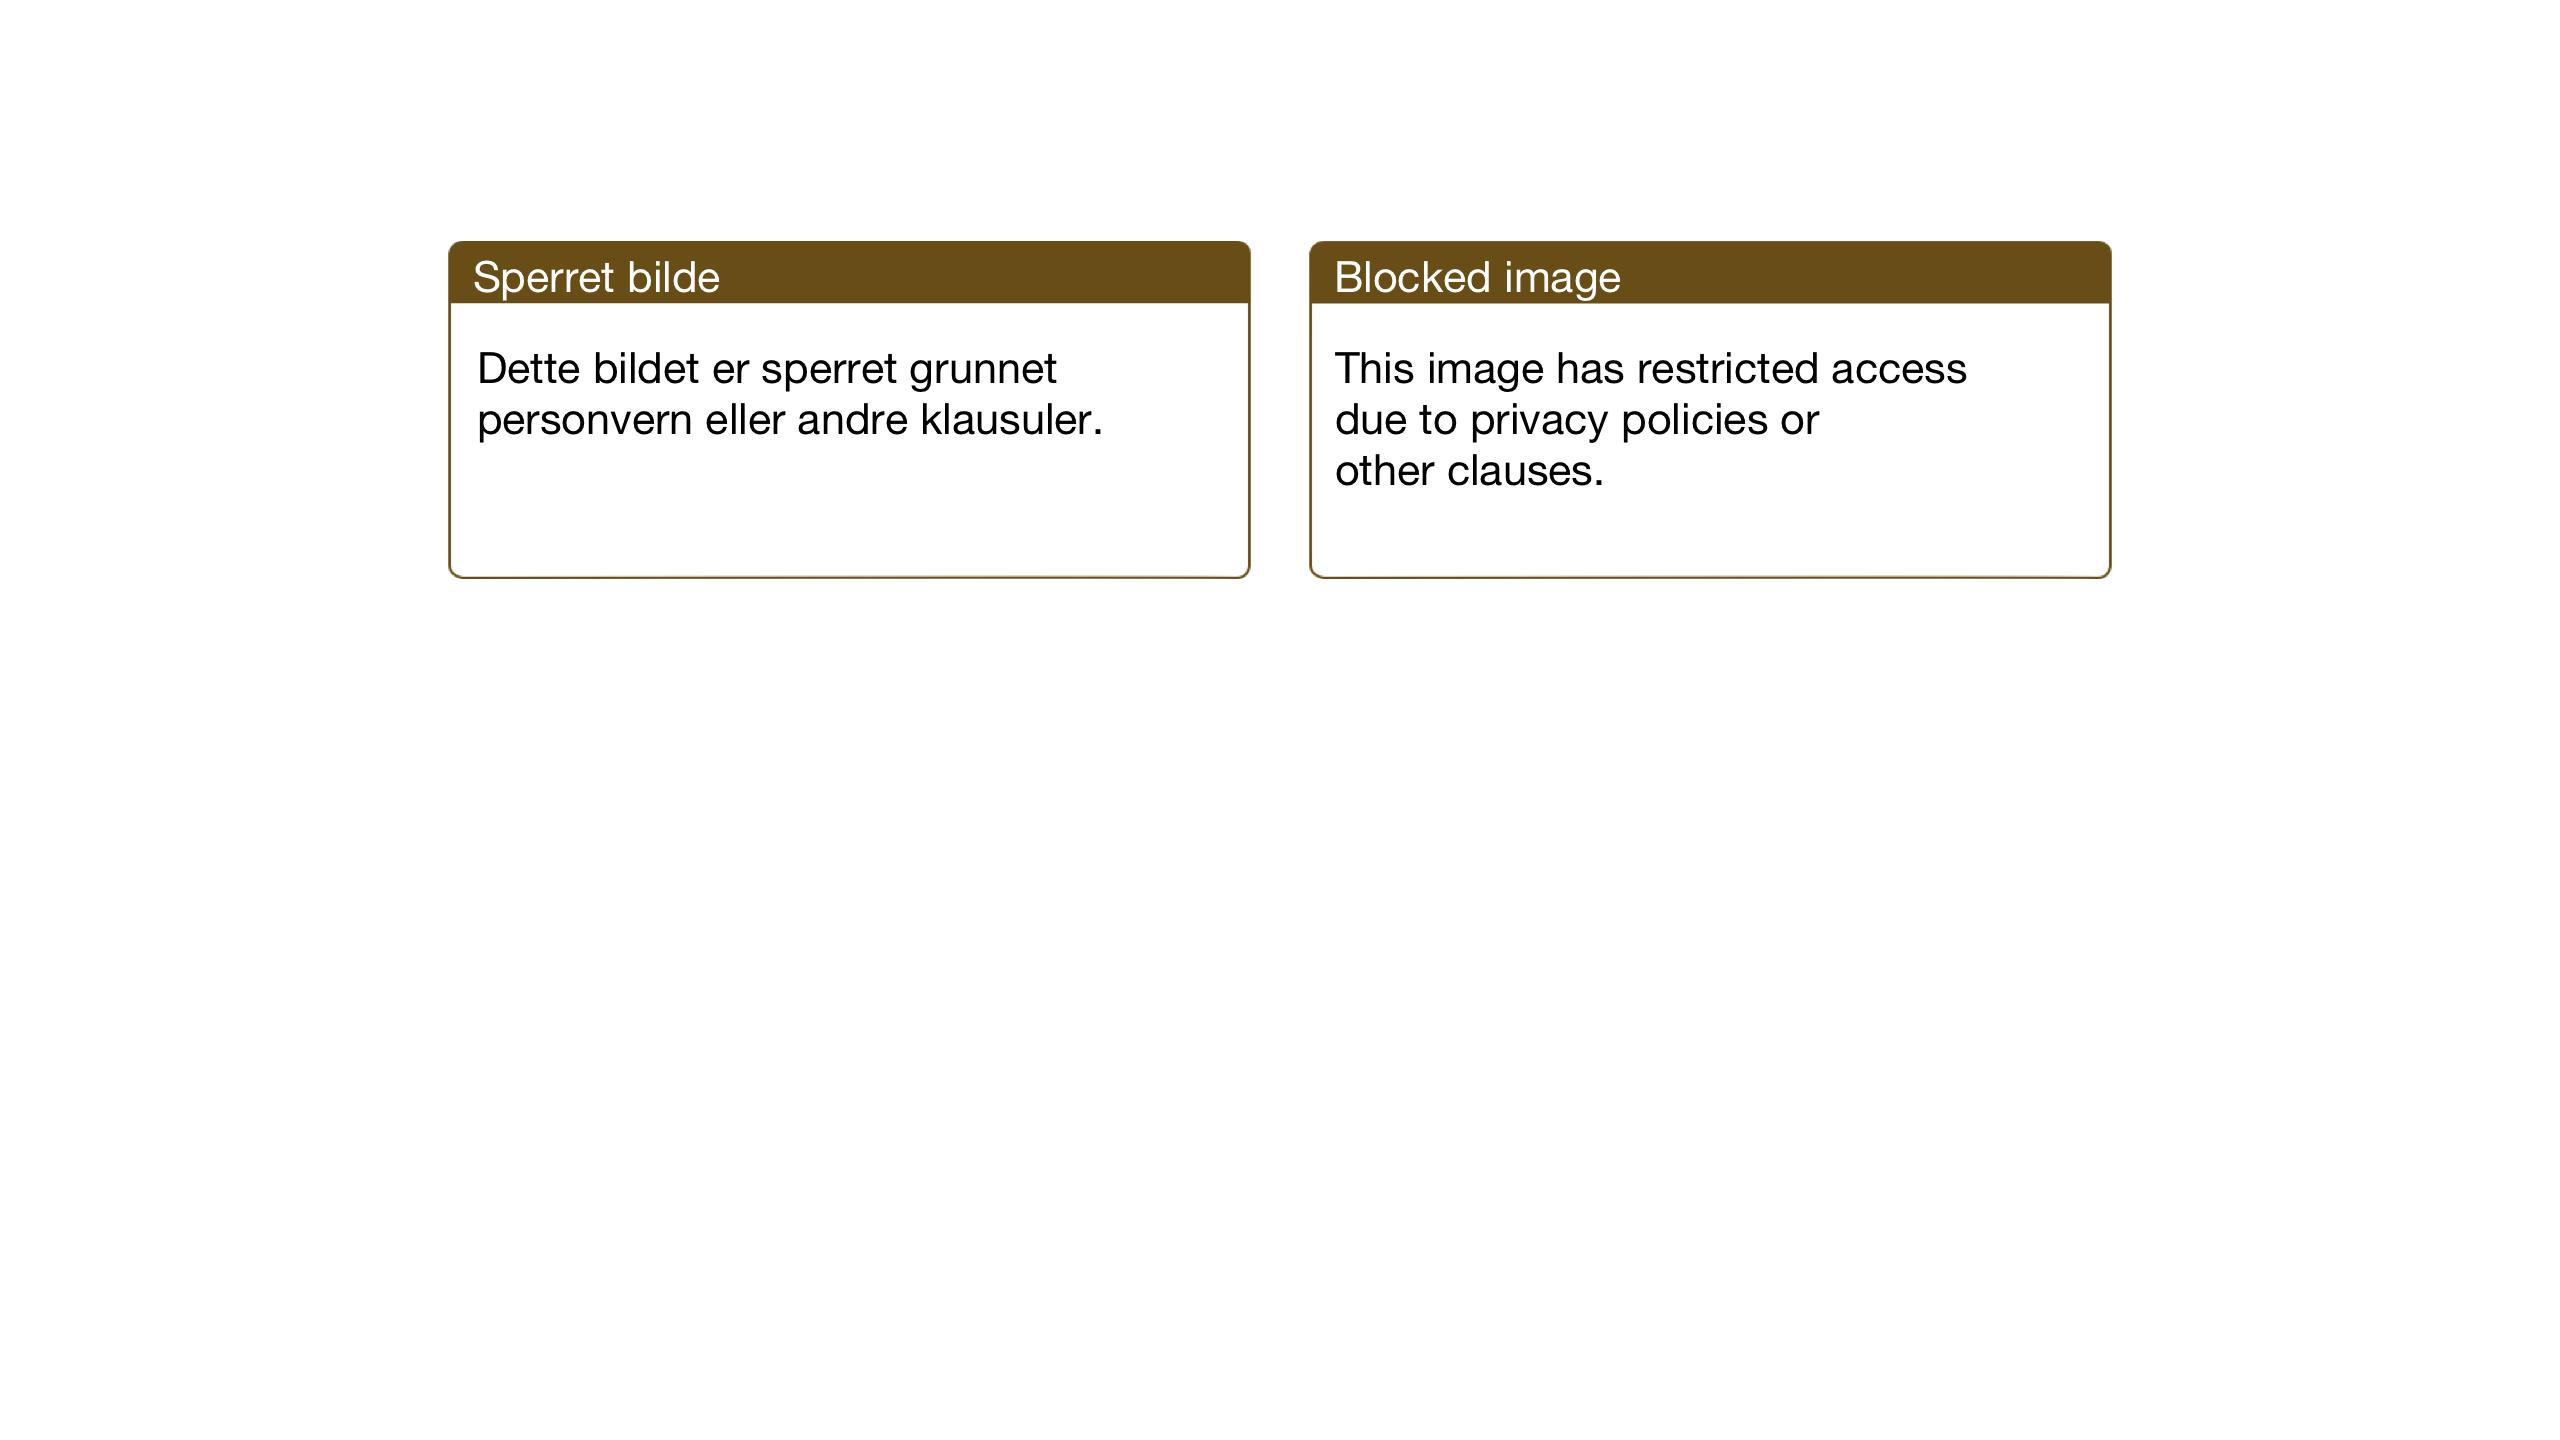 SAT, Ministerialprotokoller, klokkerbøker og fødselsregistre - Sør-Trøndelag, 603/L0174: Klokkerbok nr. 603C02, 1923-1951, s. 65